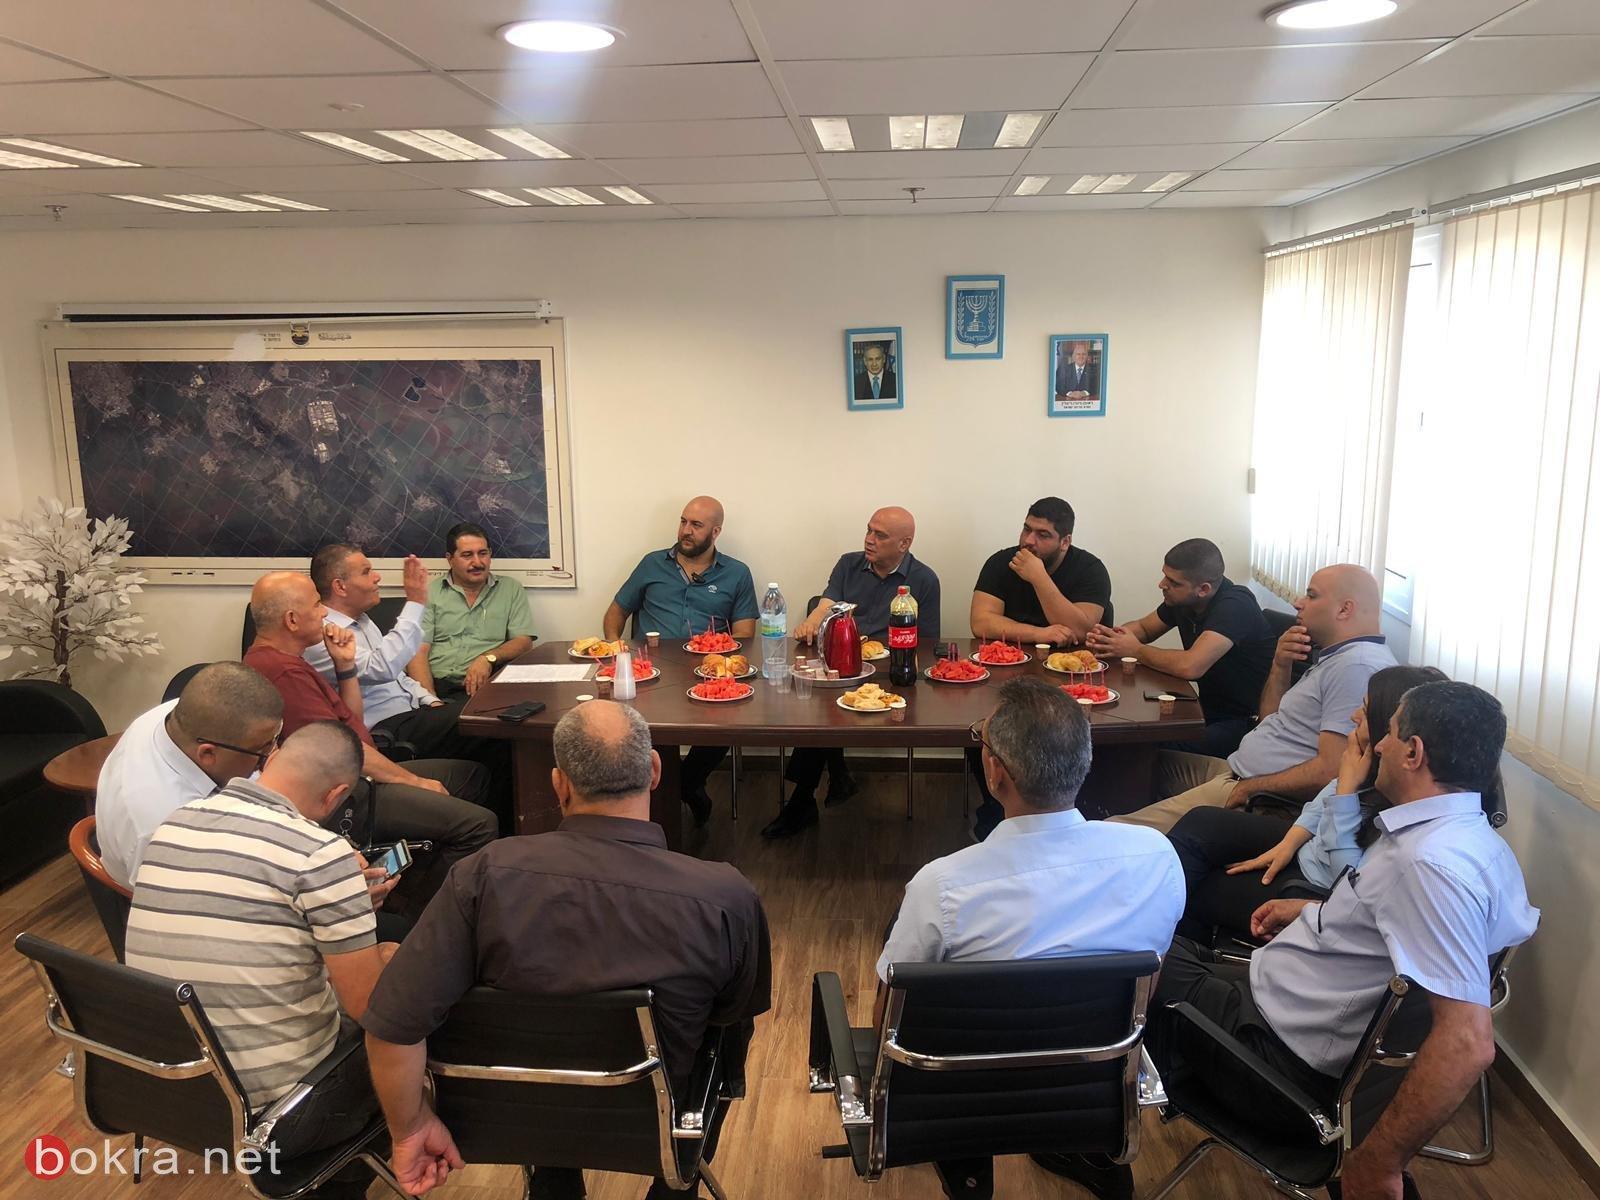 عضو الكنيست عيساوي فريج يزور المجلس الاقليمي بستان المرج لجلسة عمل